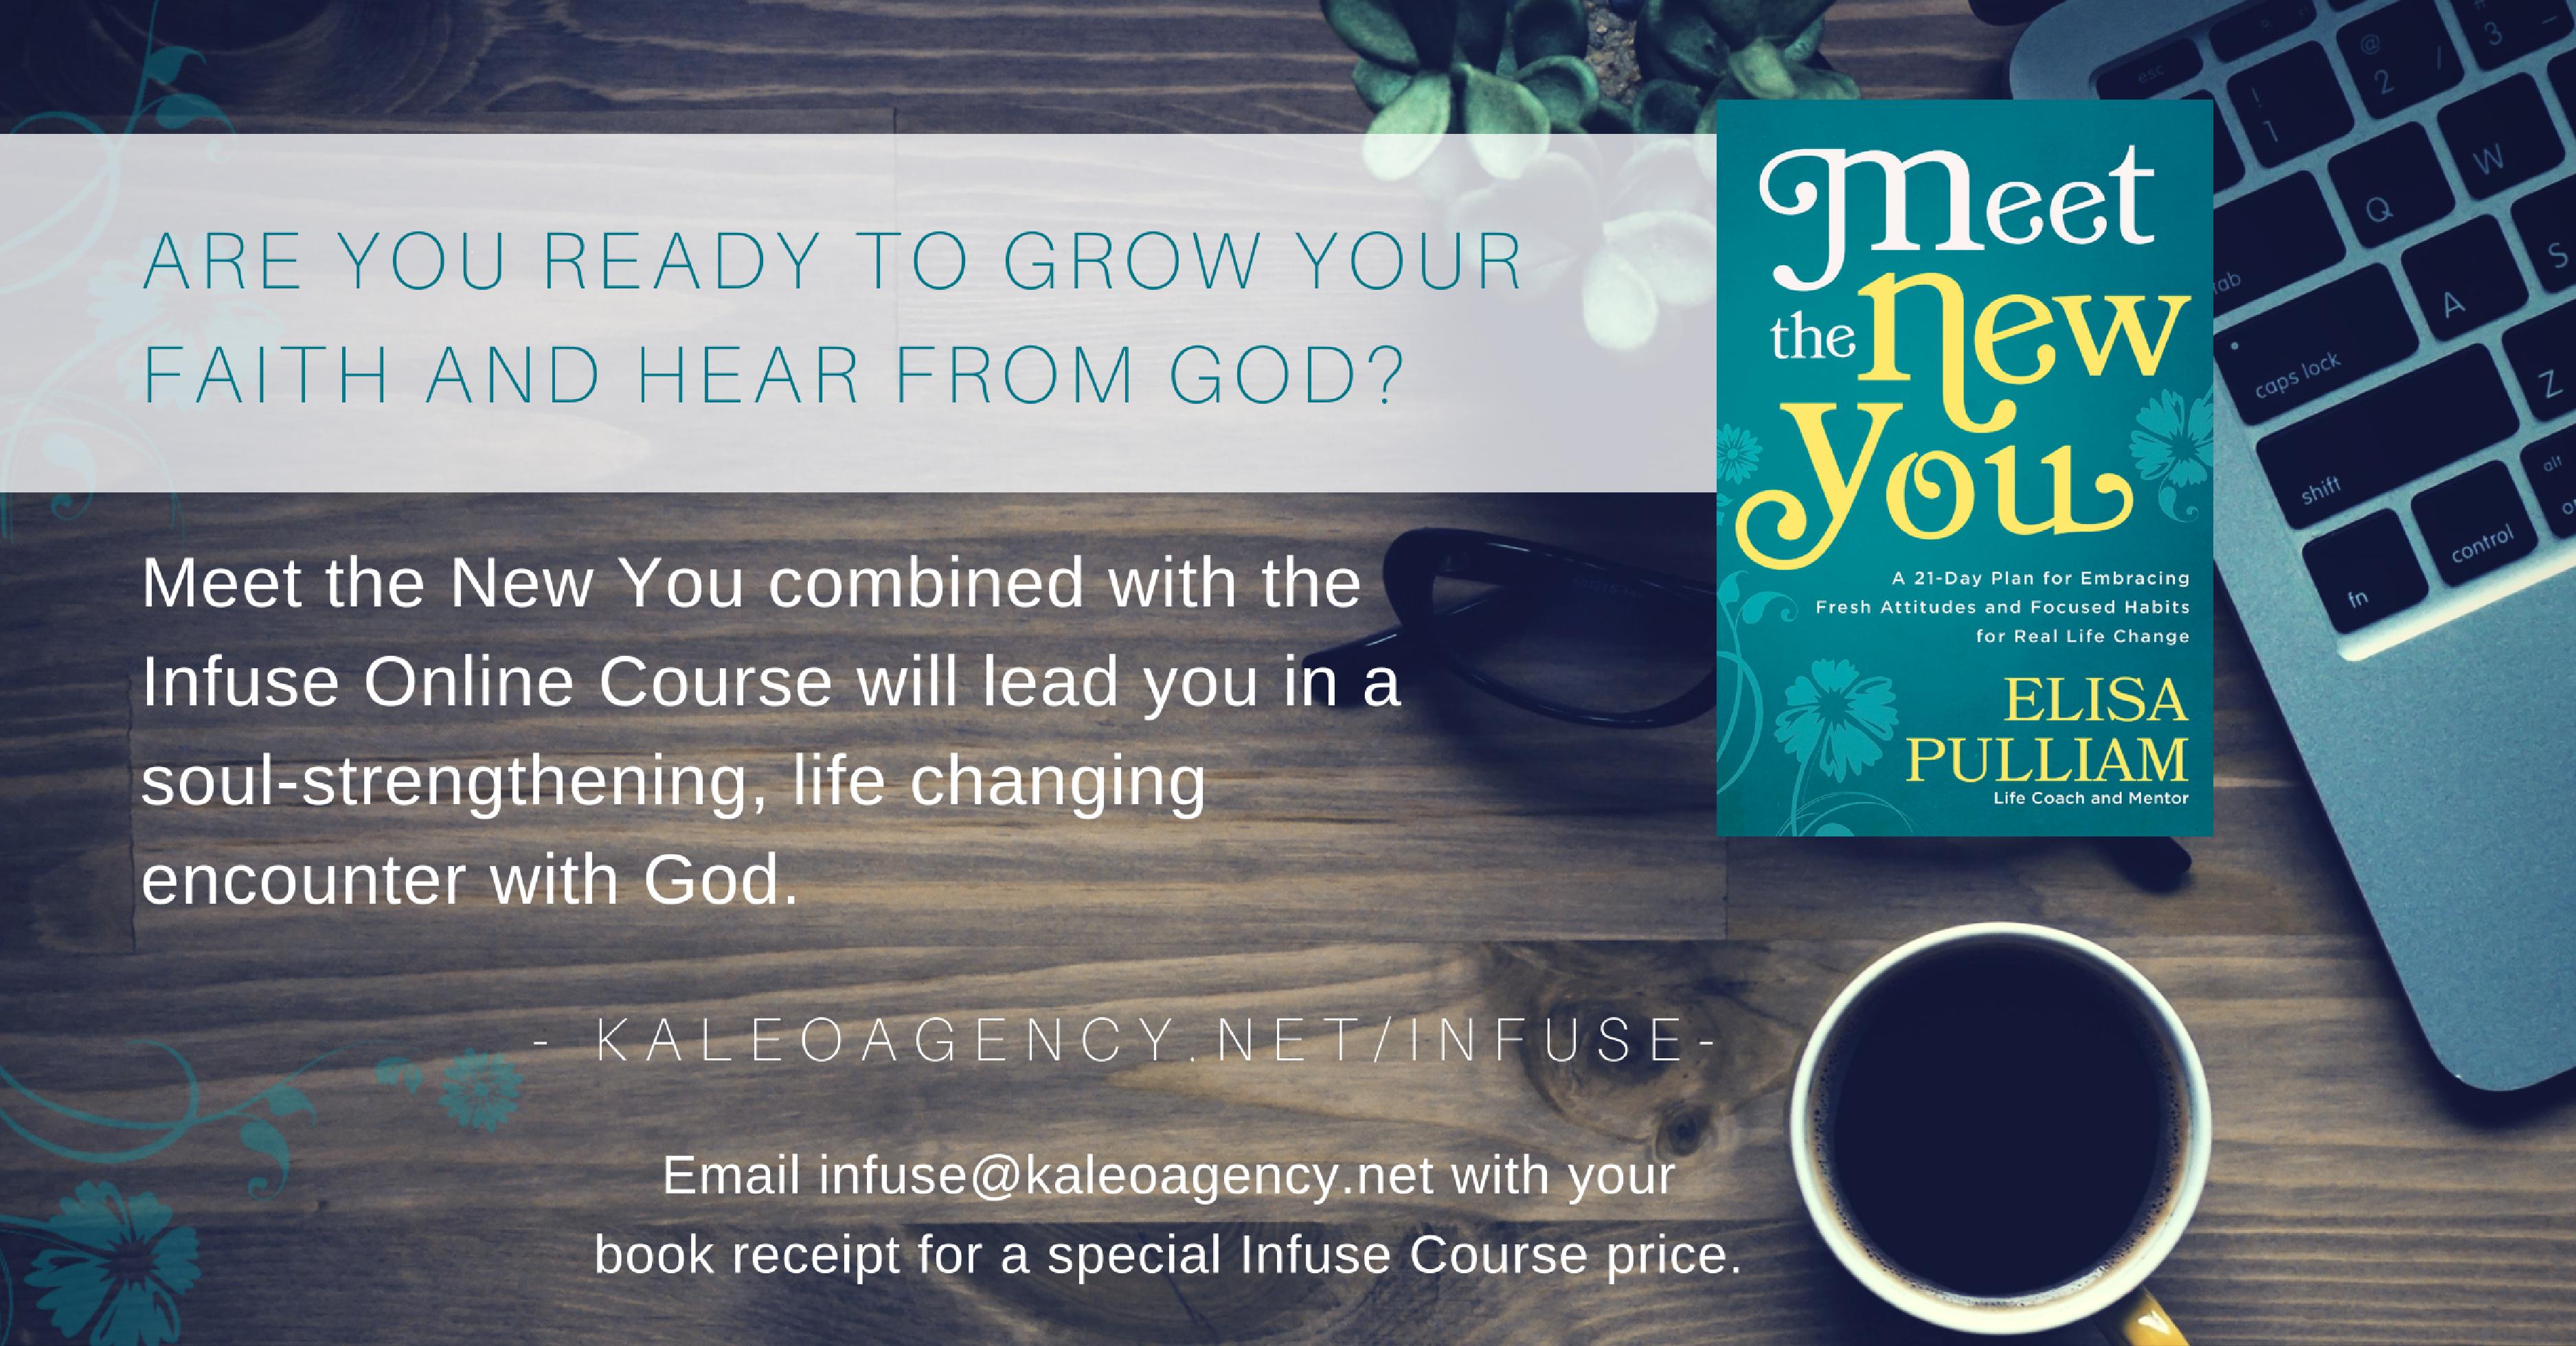 Are you ready to grow your faith?